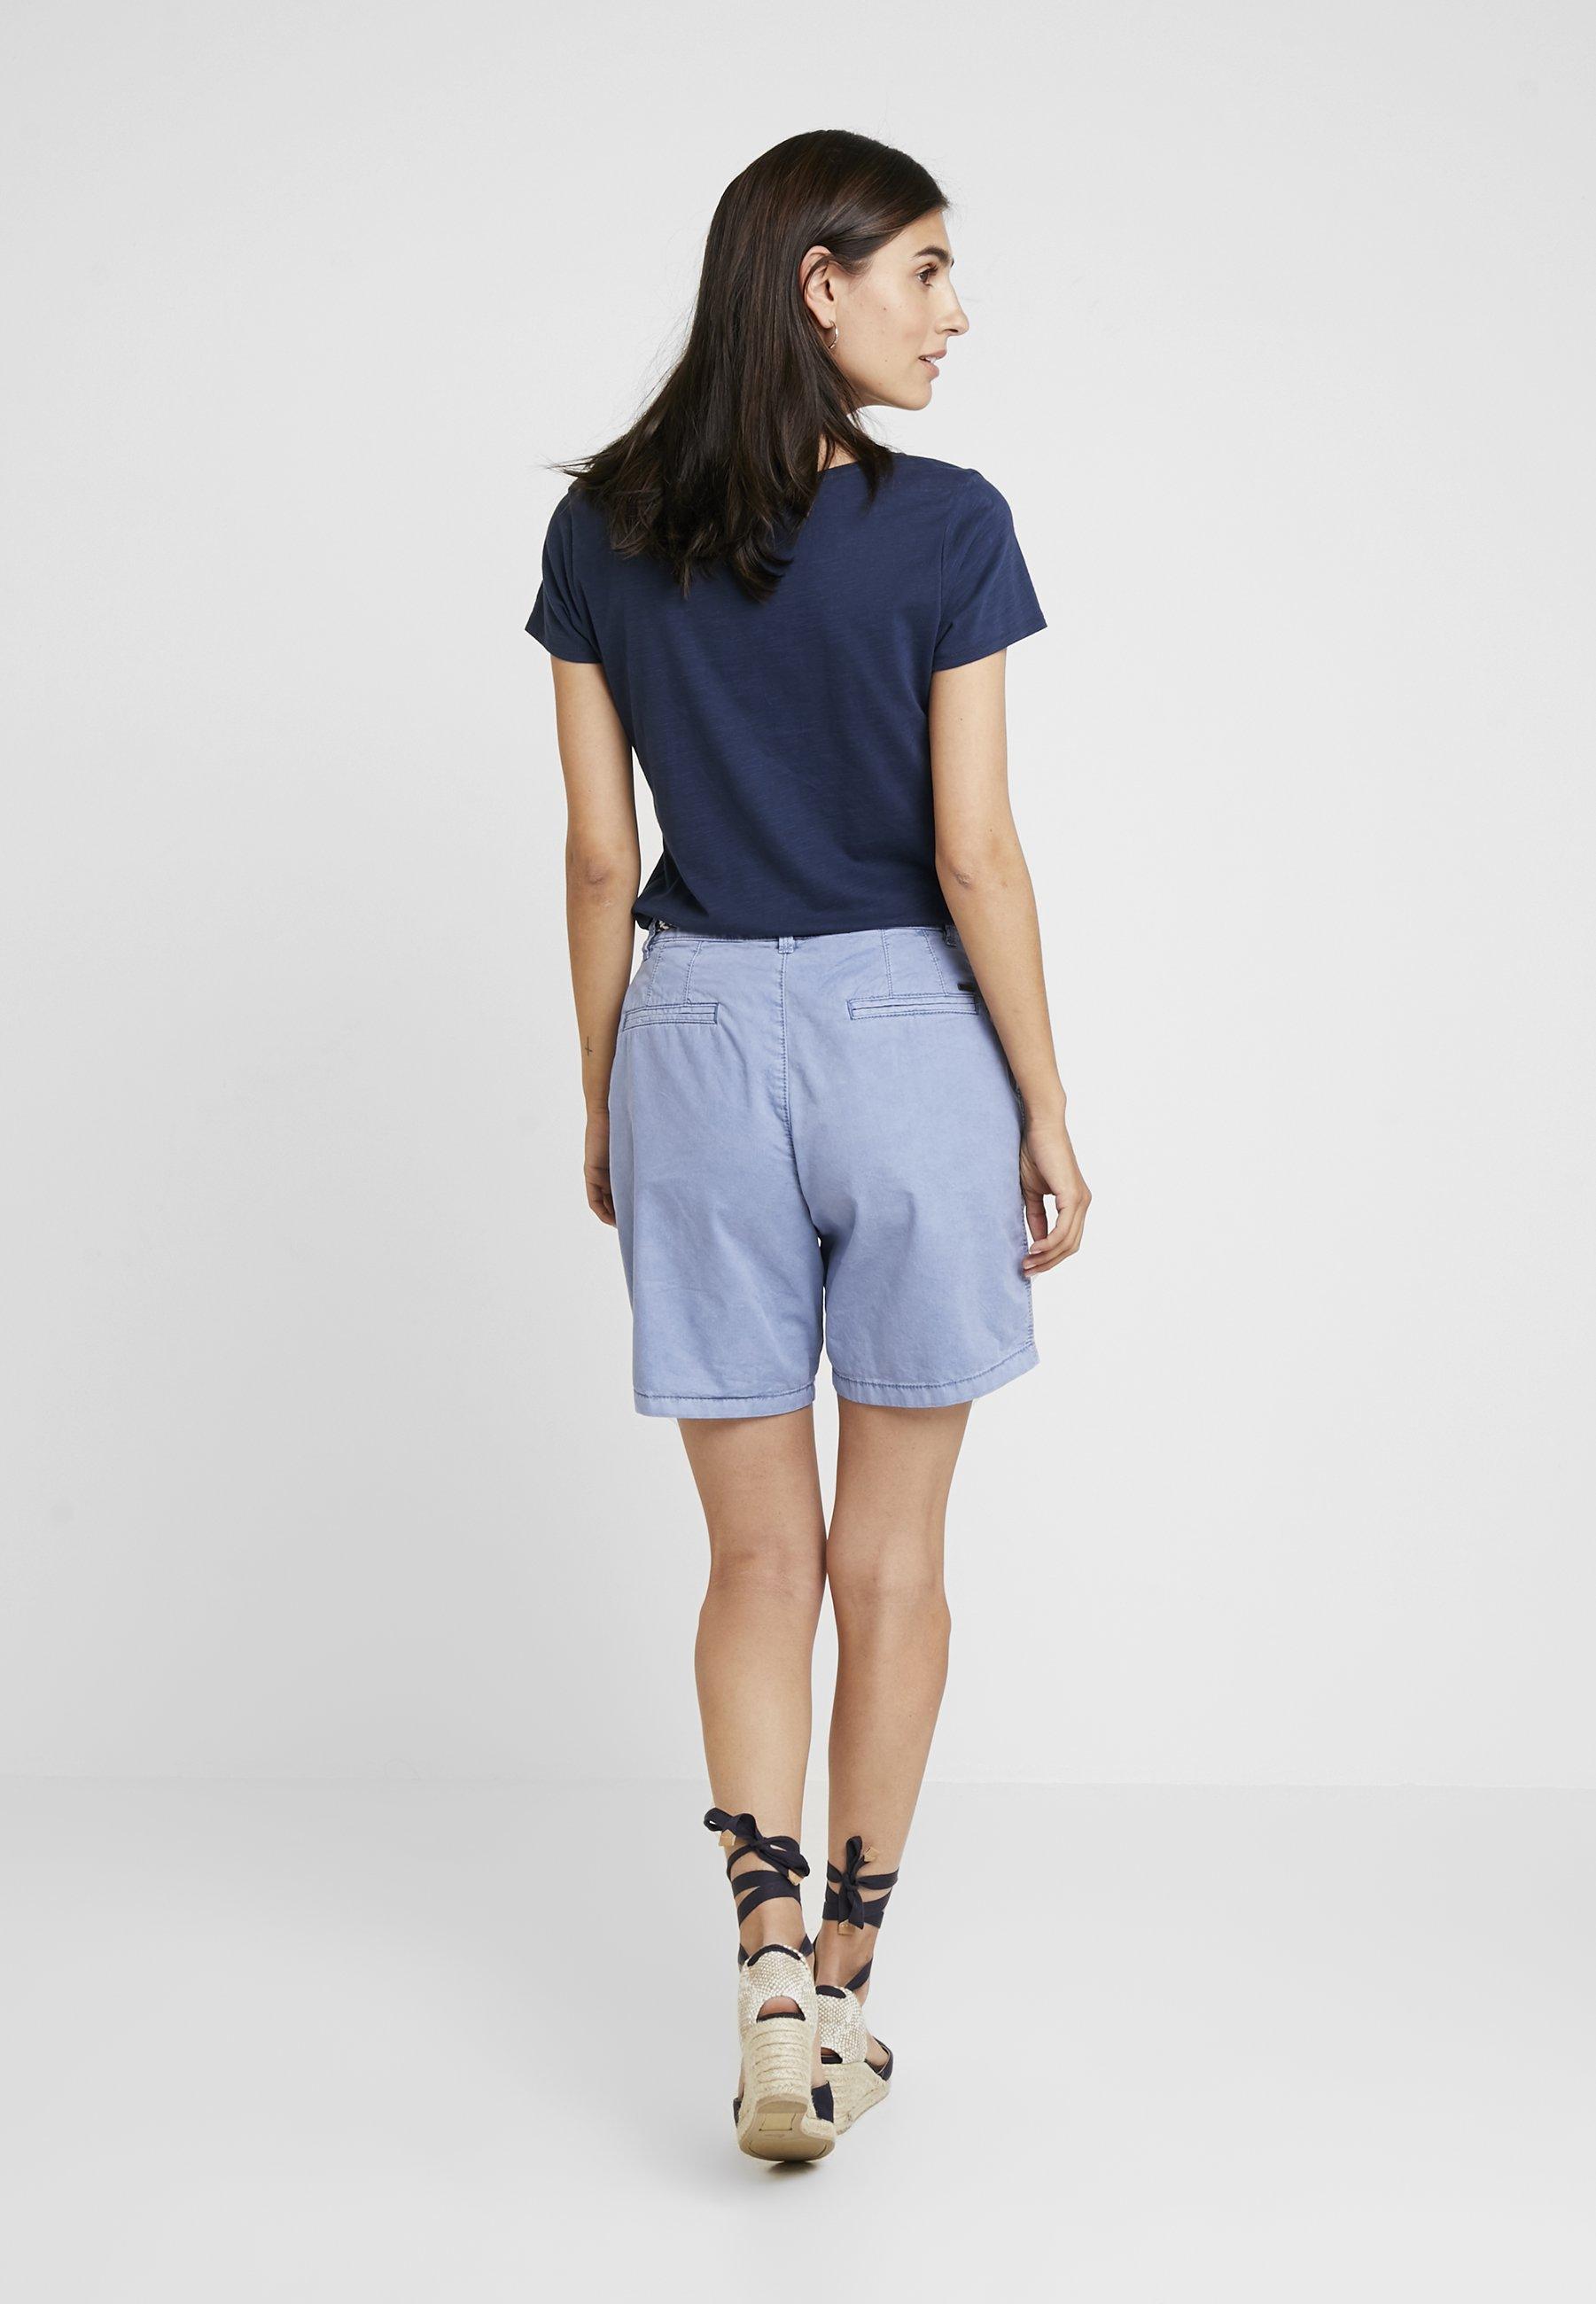 Blue Esprit Blue Esprit Light Esprit Shorts Light Shorts Light Blue Shorts Light Esprit Shorts dCoexB